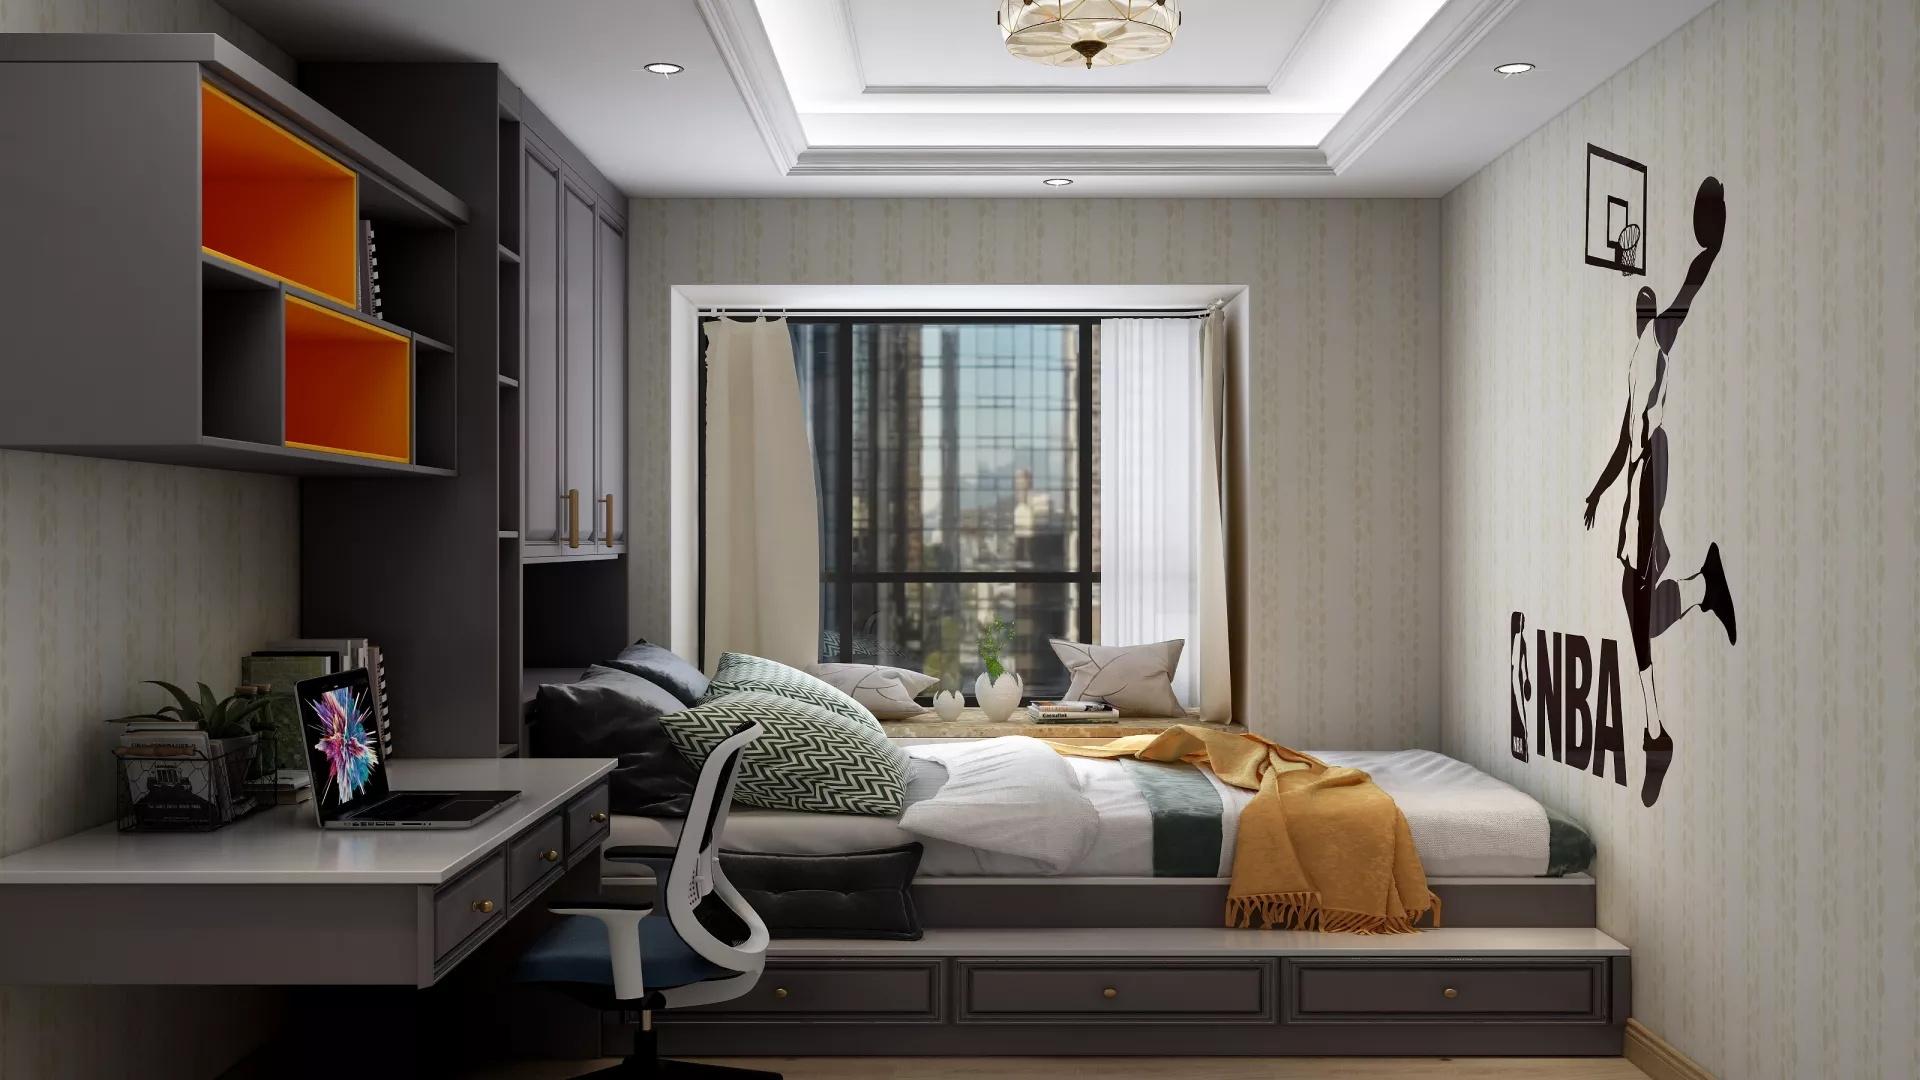 宜家风格舒适实用型客厅装修效果图